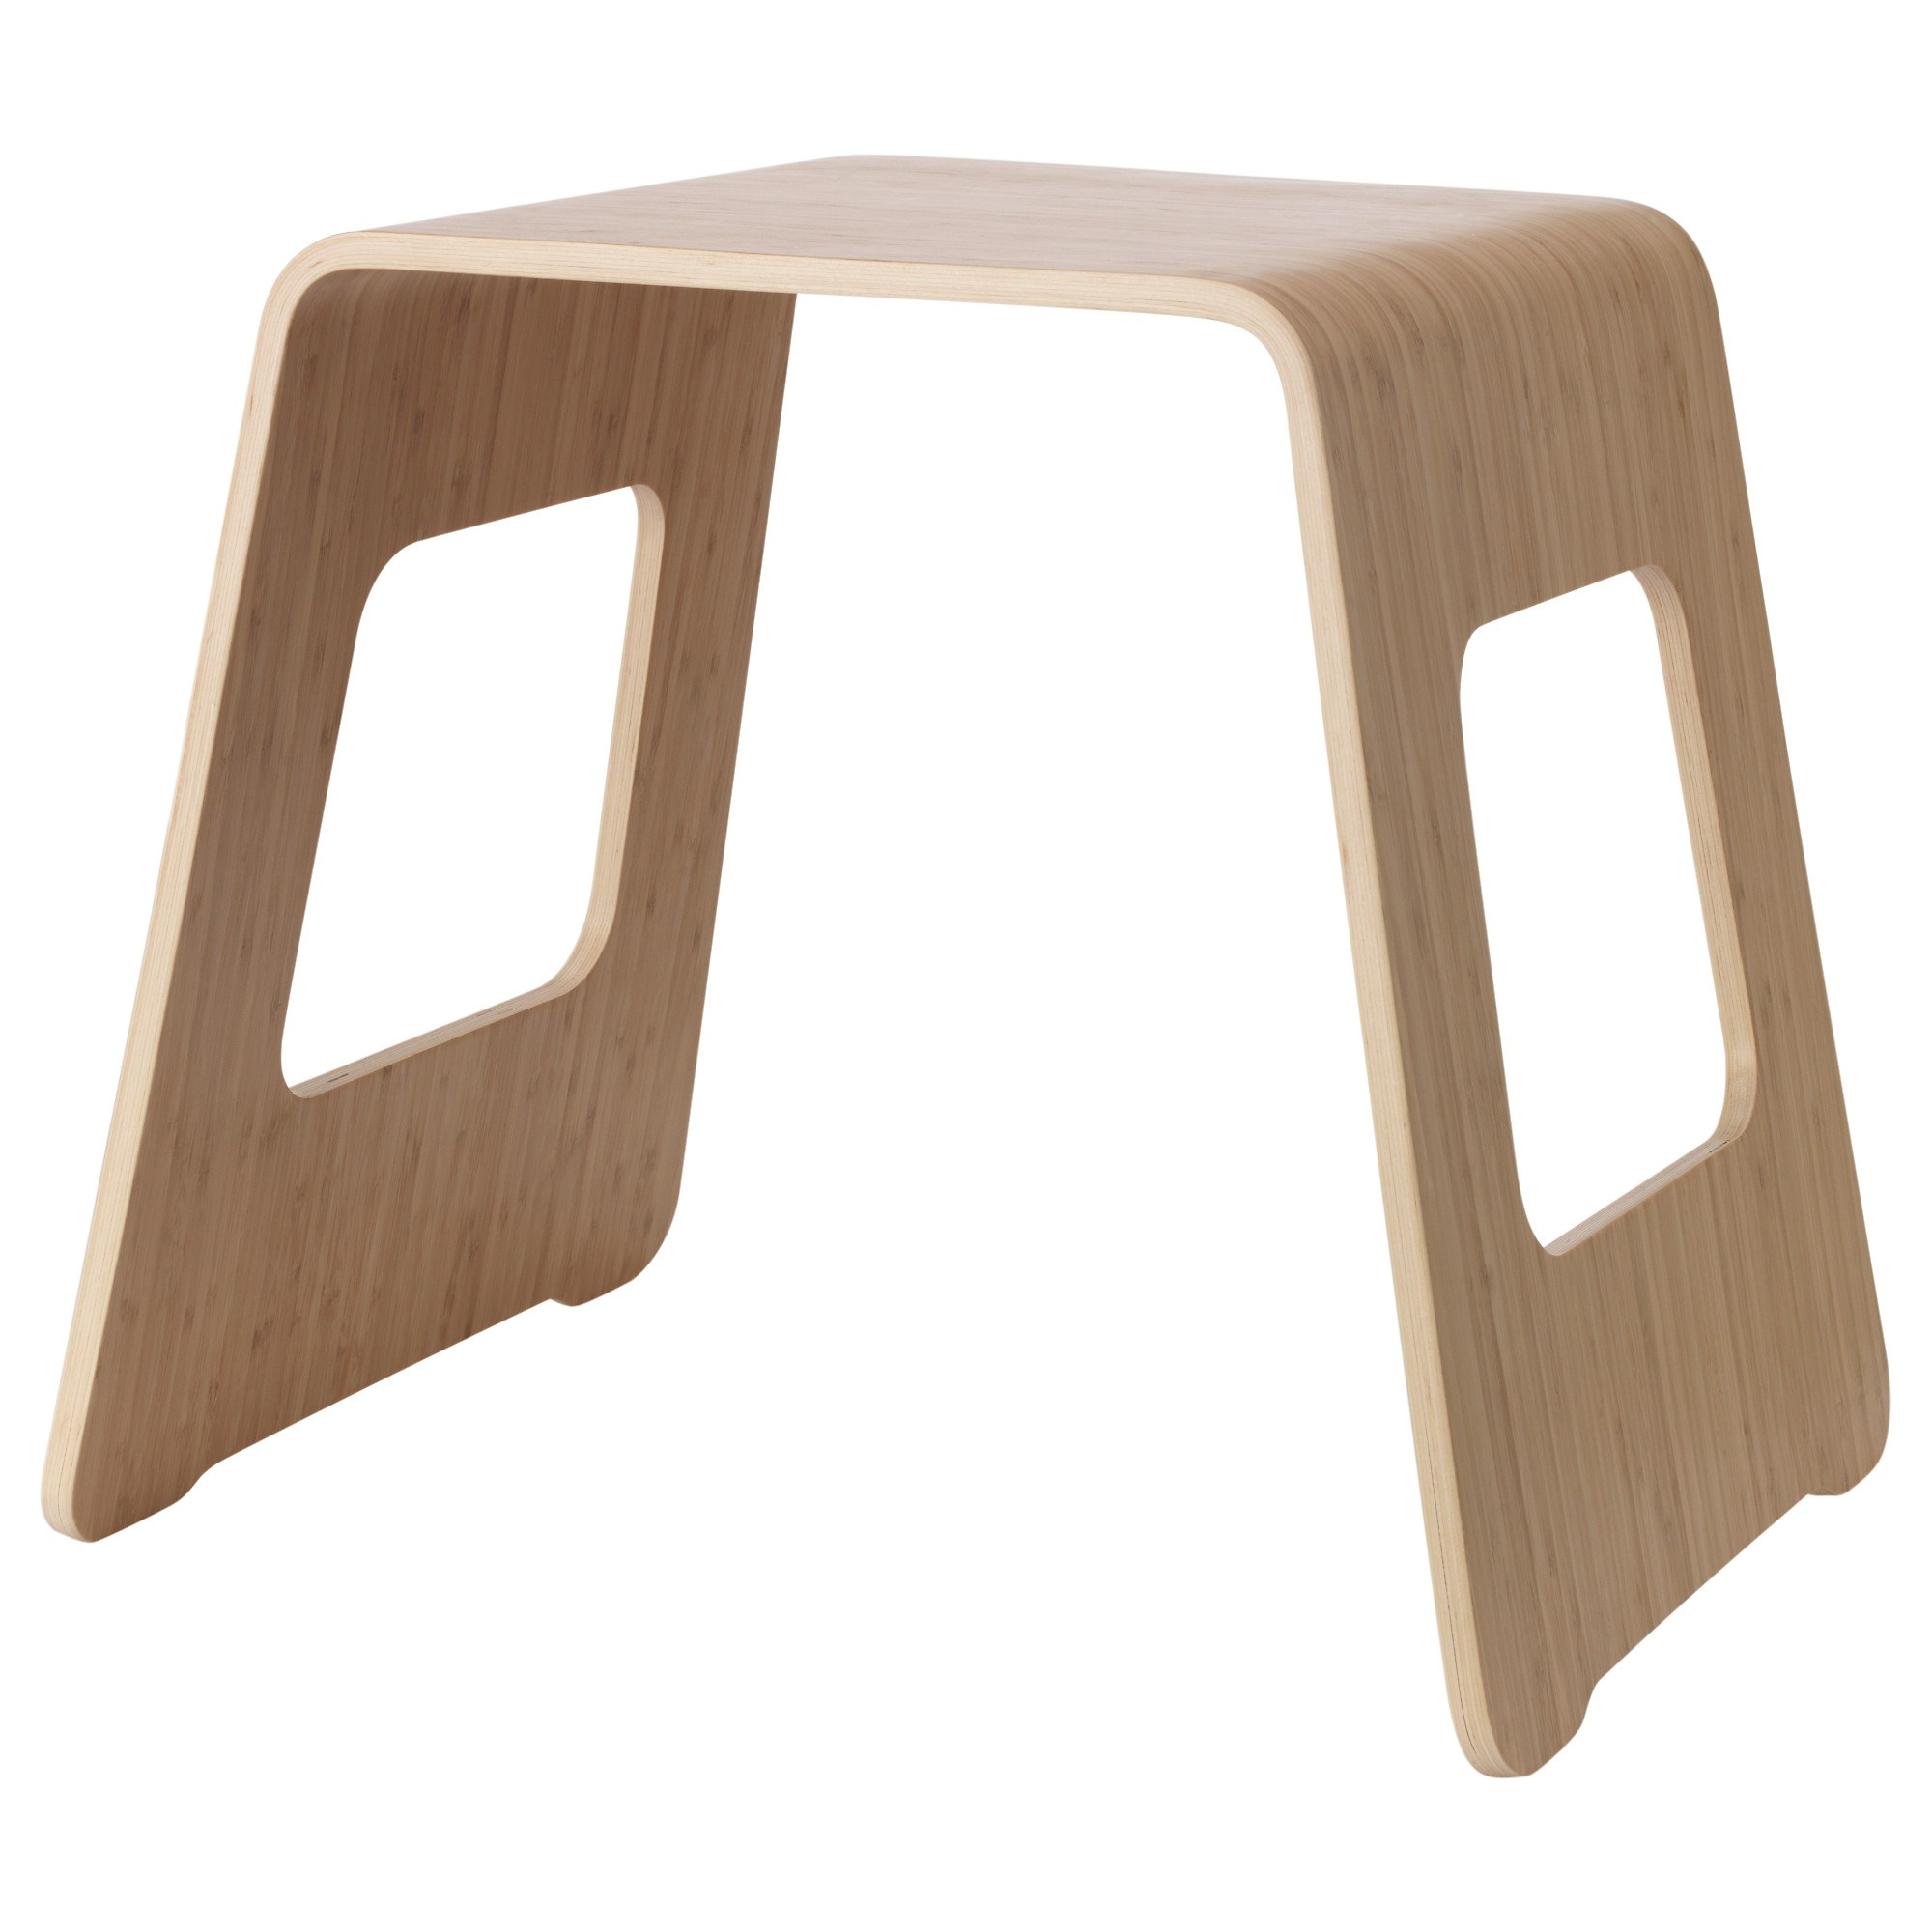 이케아 BENGTHAKAN 벵토칸 스툴 대나무무늬목 503.628.76 스툴, bamboo veneer